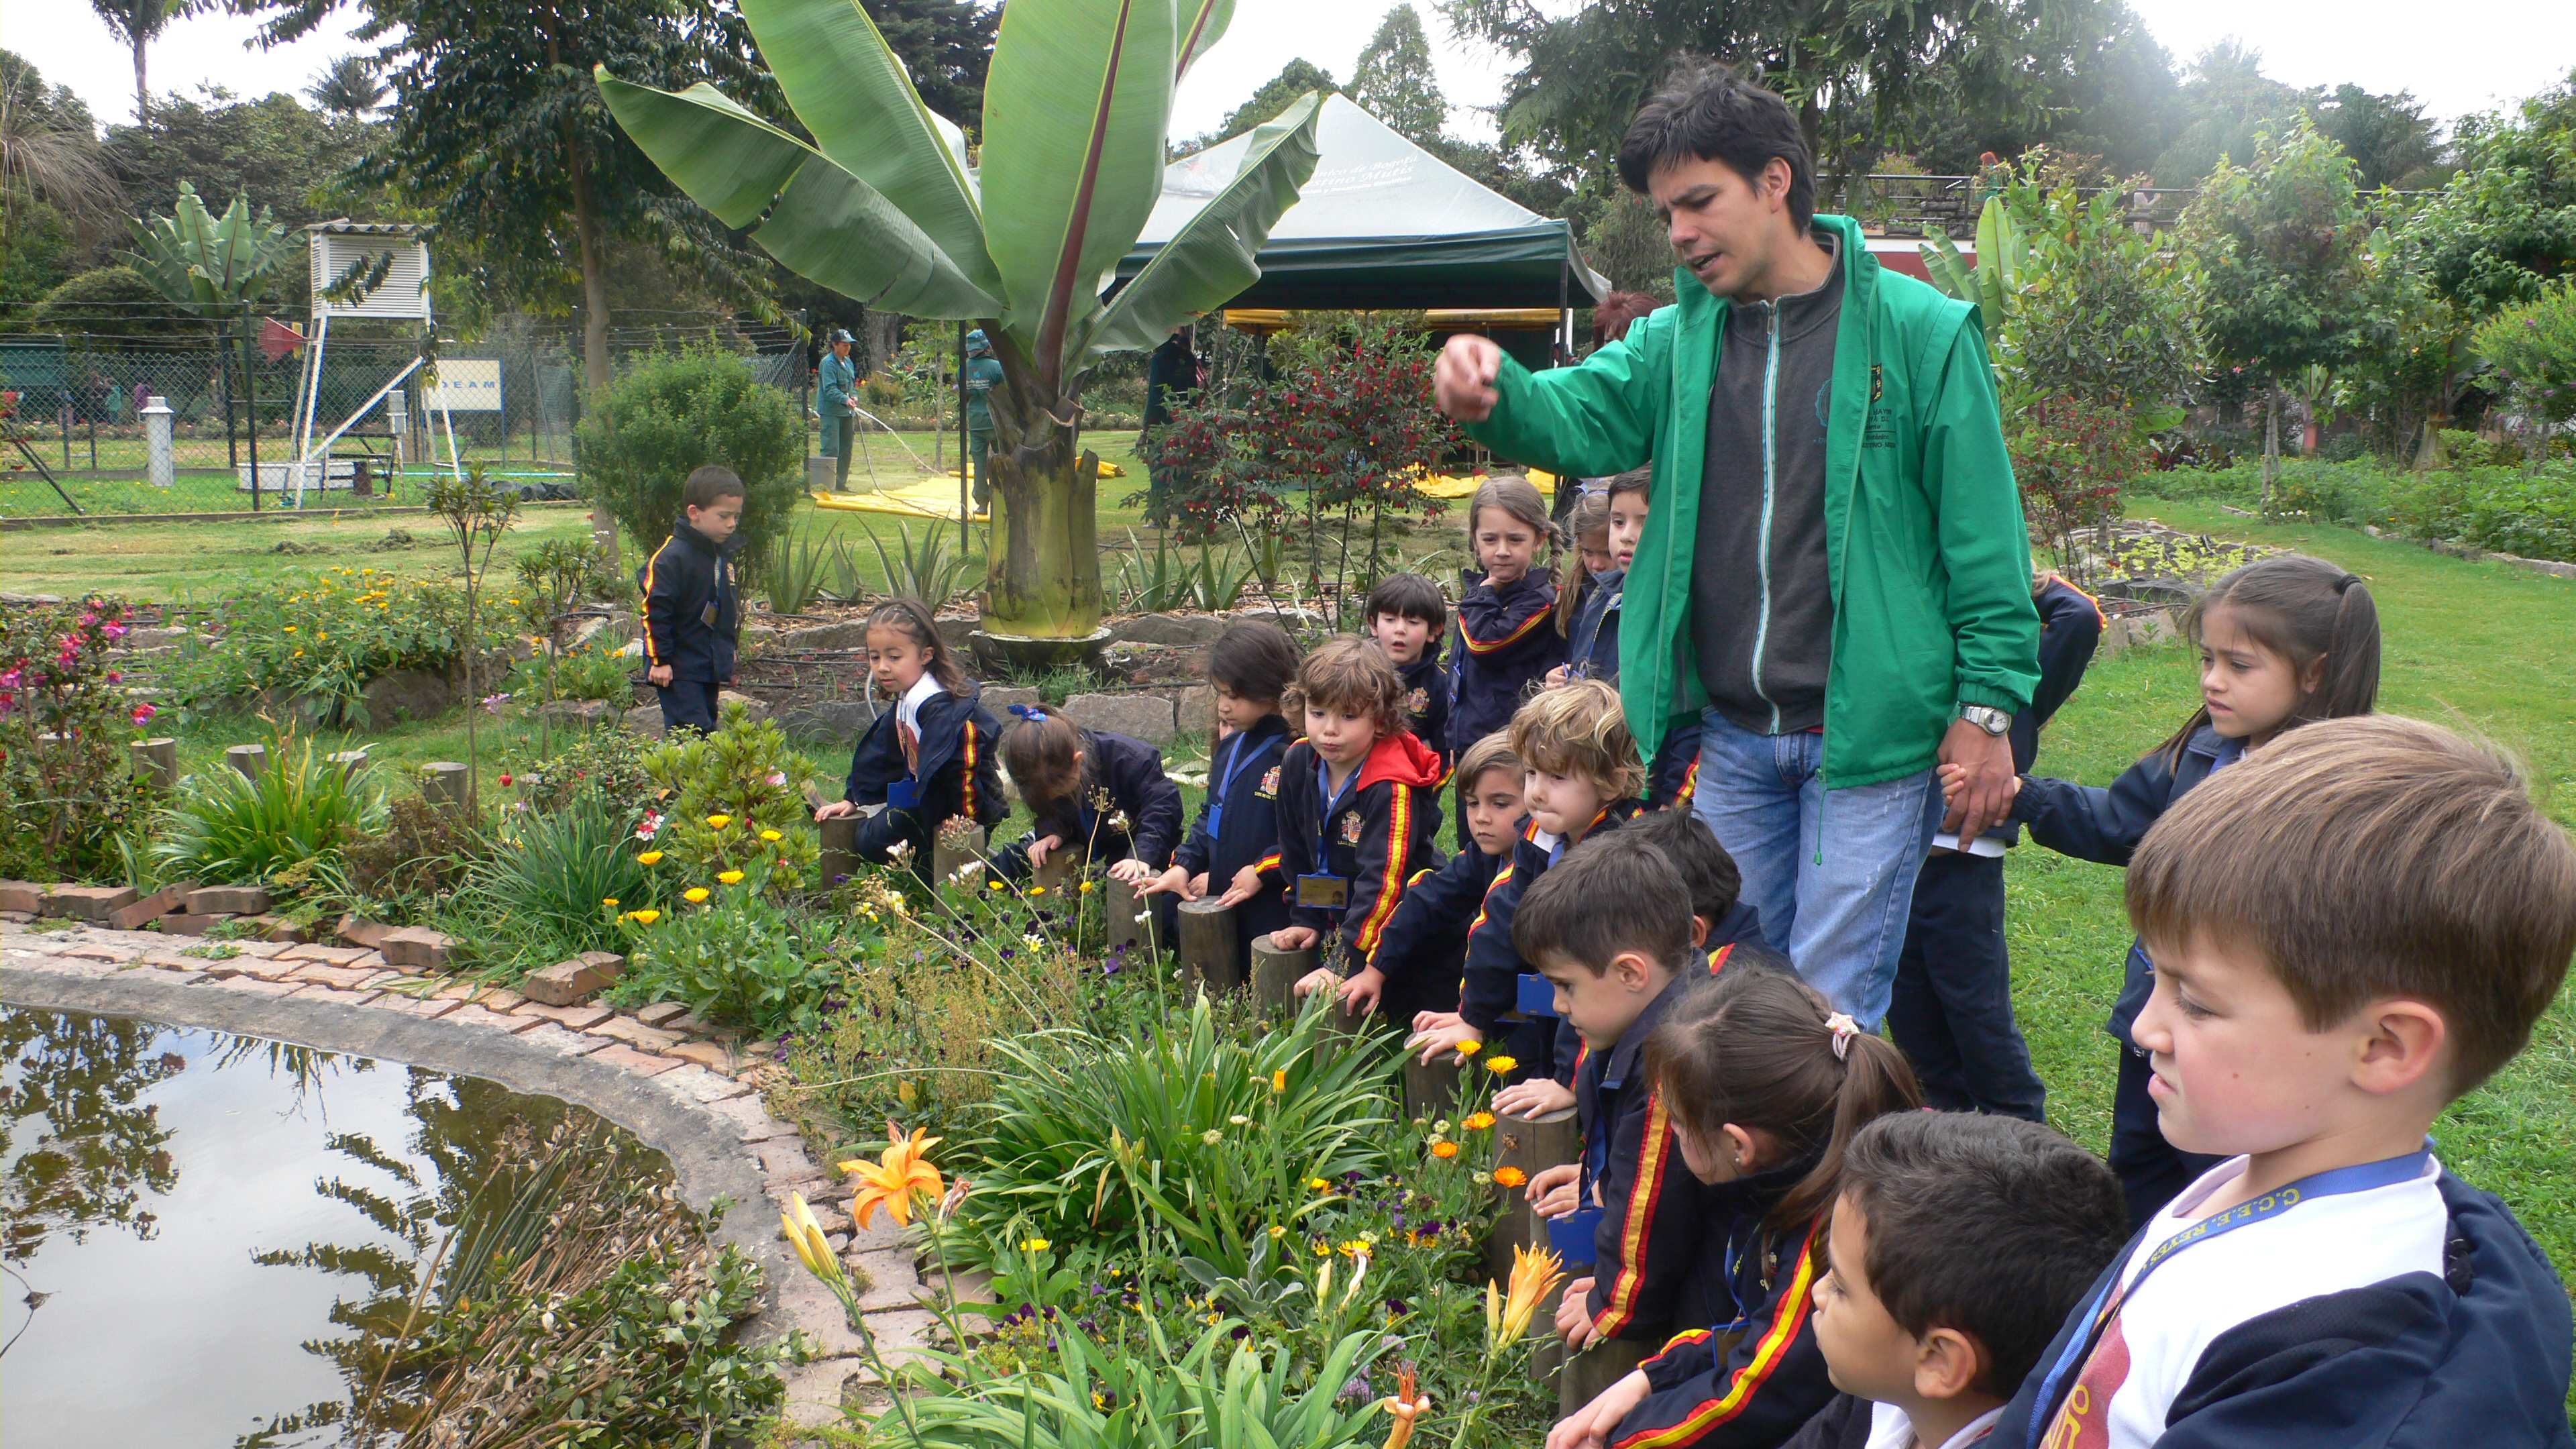 Medio ambiente revista el reyes de bogot p gina 2 for Actividades jardin botanico bogota